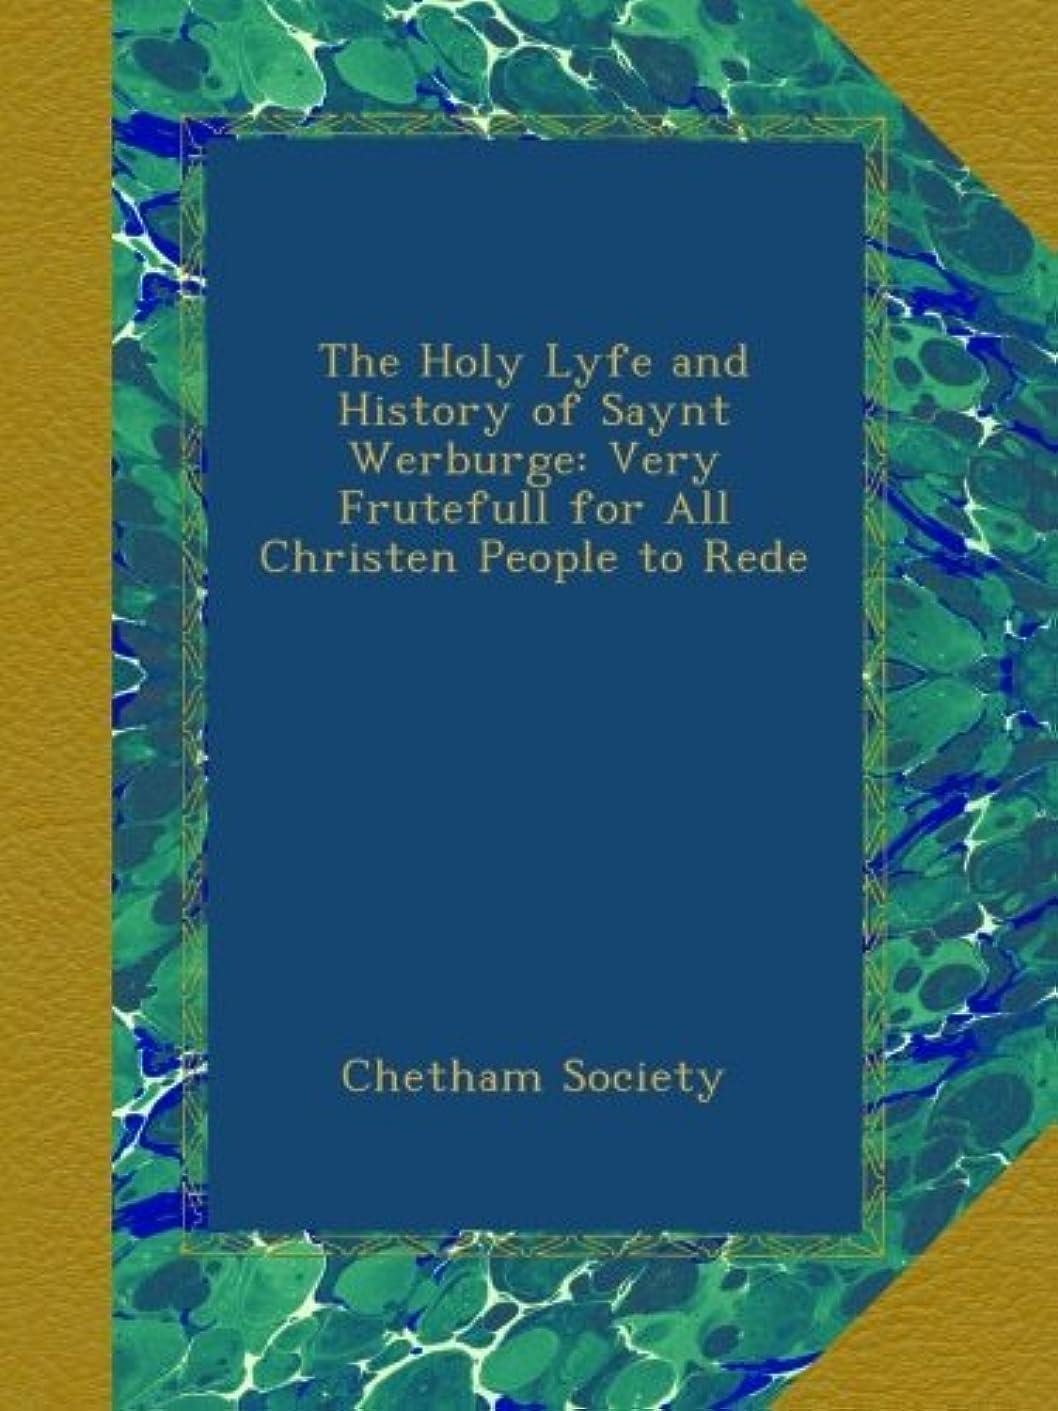 特殊結婚した会計士The Holy Lyfe and History of Saynt Werburge: Very Frutefull for All Christen People to Rede